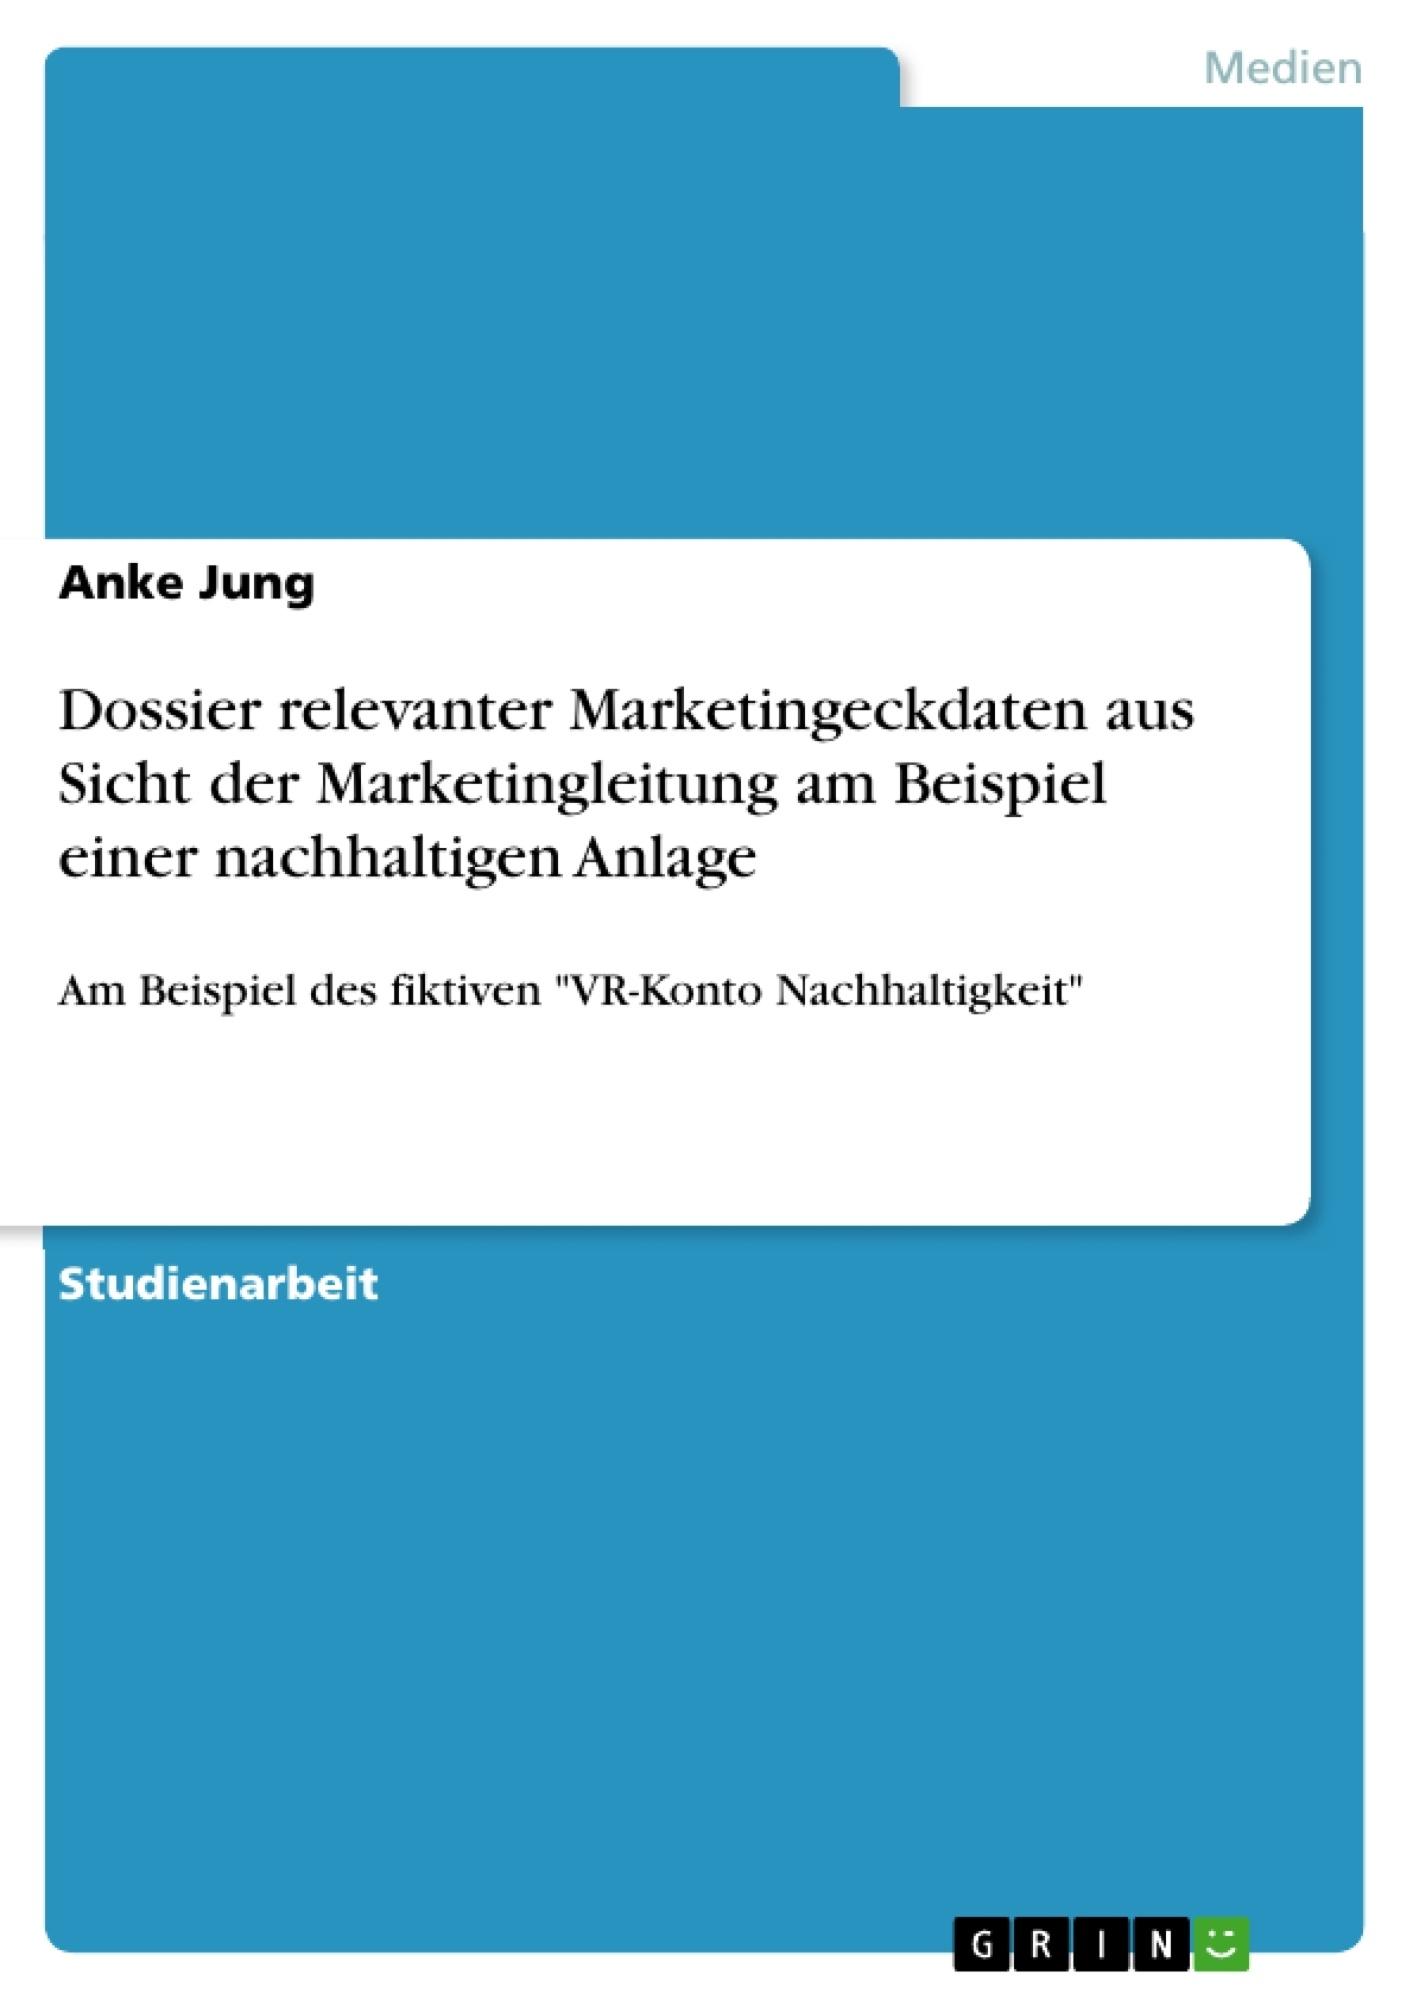 Titel: Dossier relevanter Marketingeckdaten aus Sicht der Marketingleitung am Beispiel einer nachhaltigen Anlage